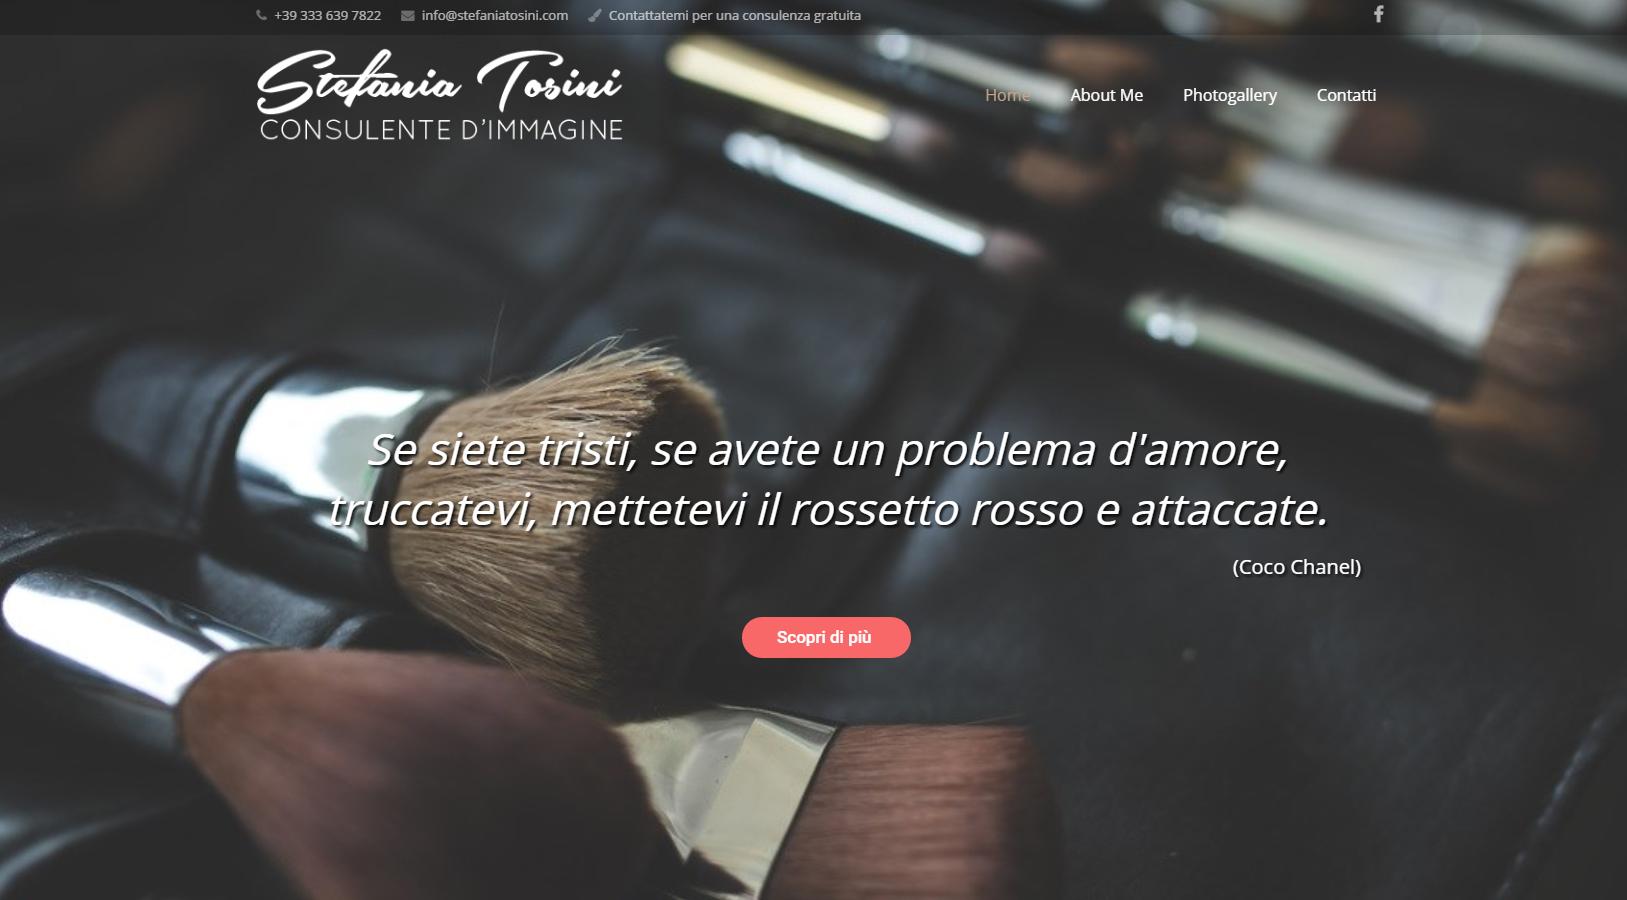 stefania_tosini